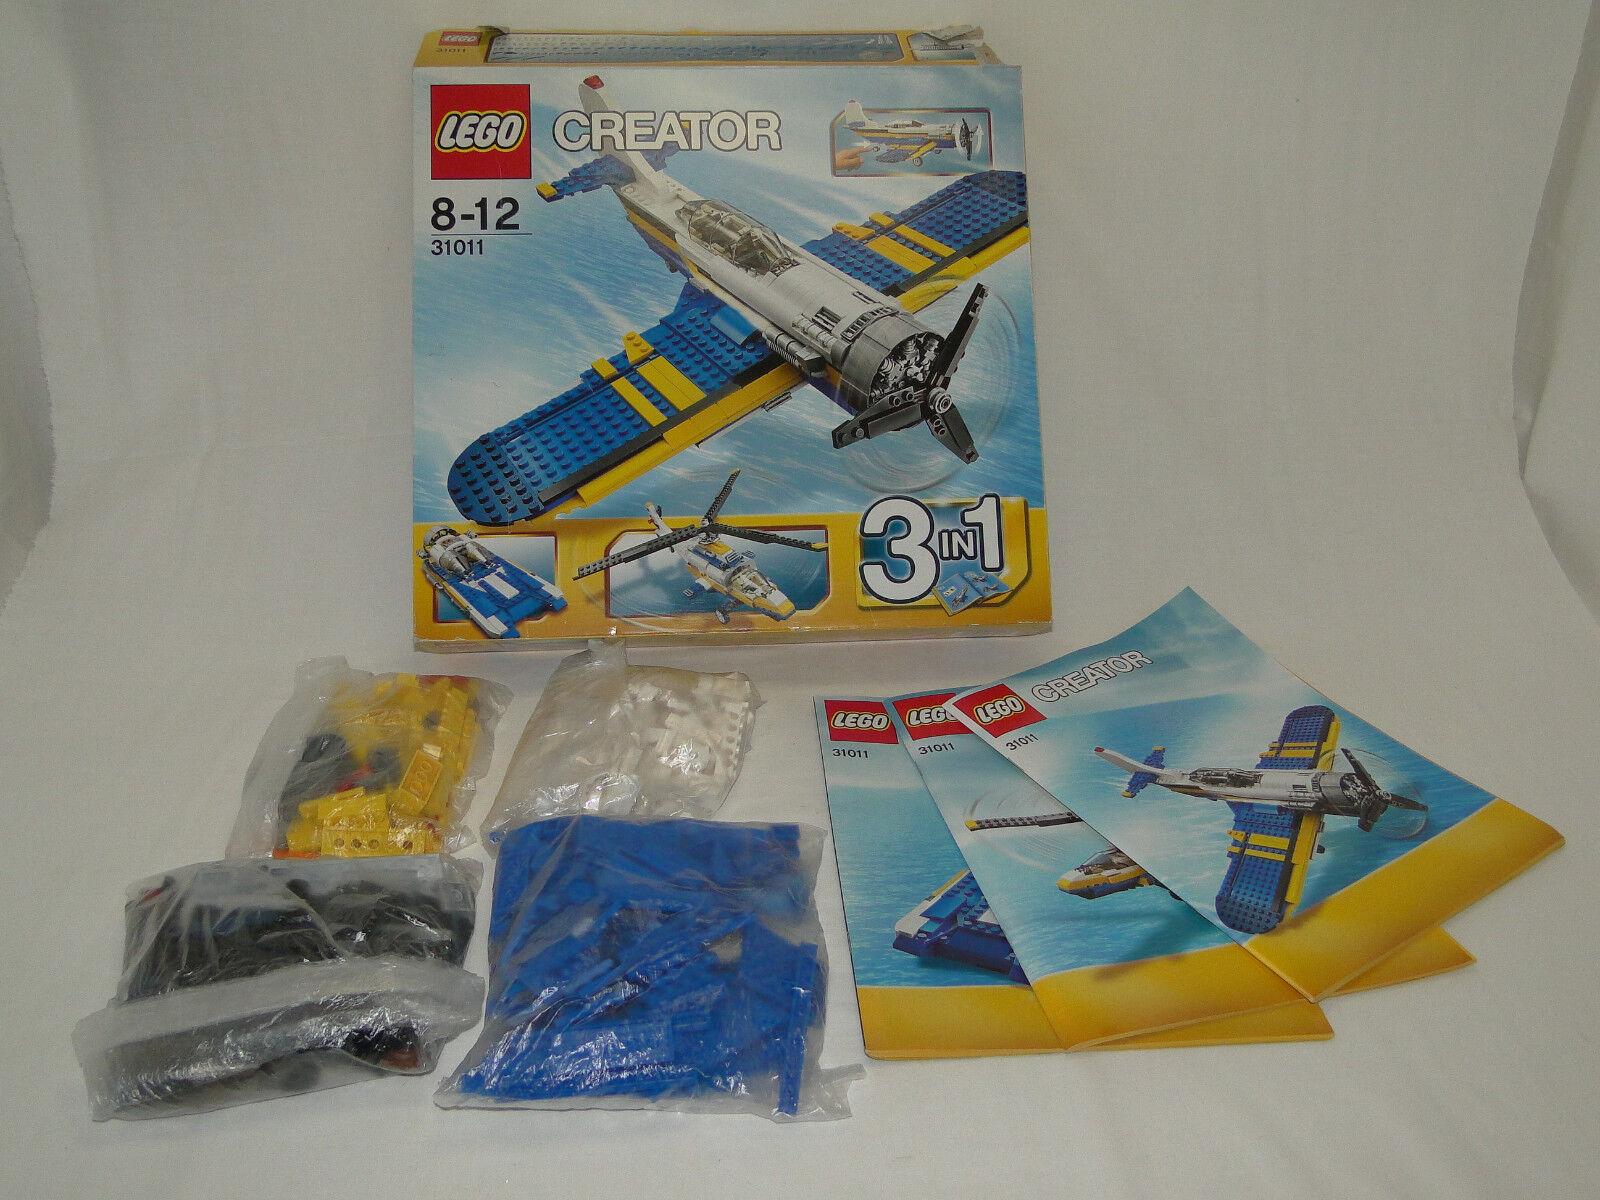 Lego Creator 31011 Flugzeug 3-in-1 komplett mit mit mit OBA + OVP f8a21e